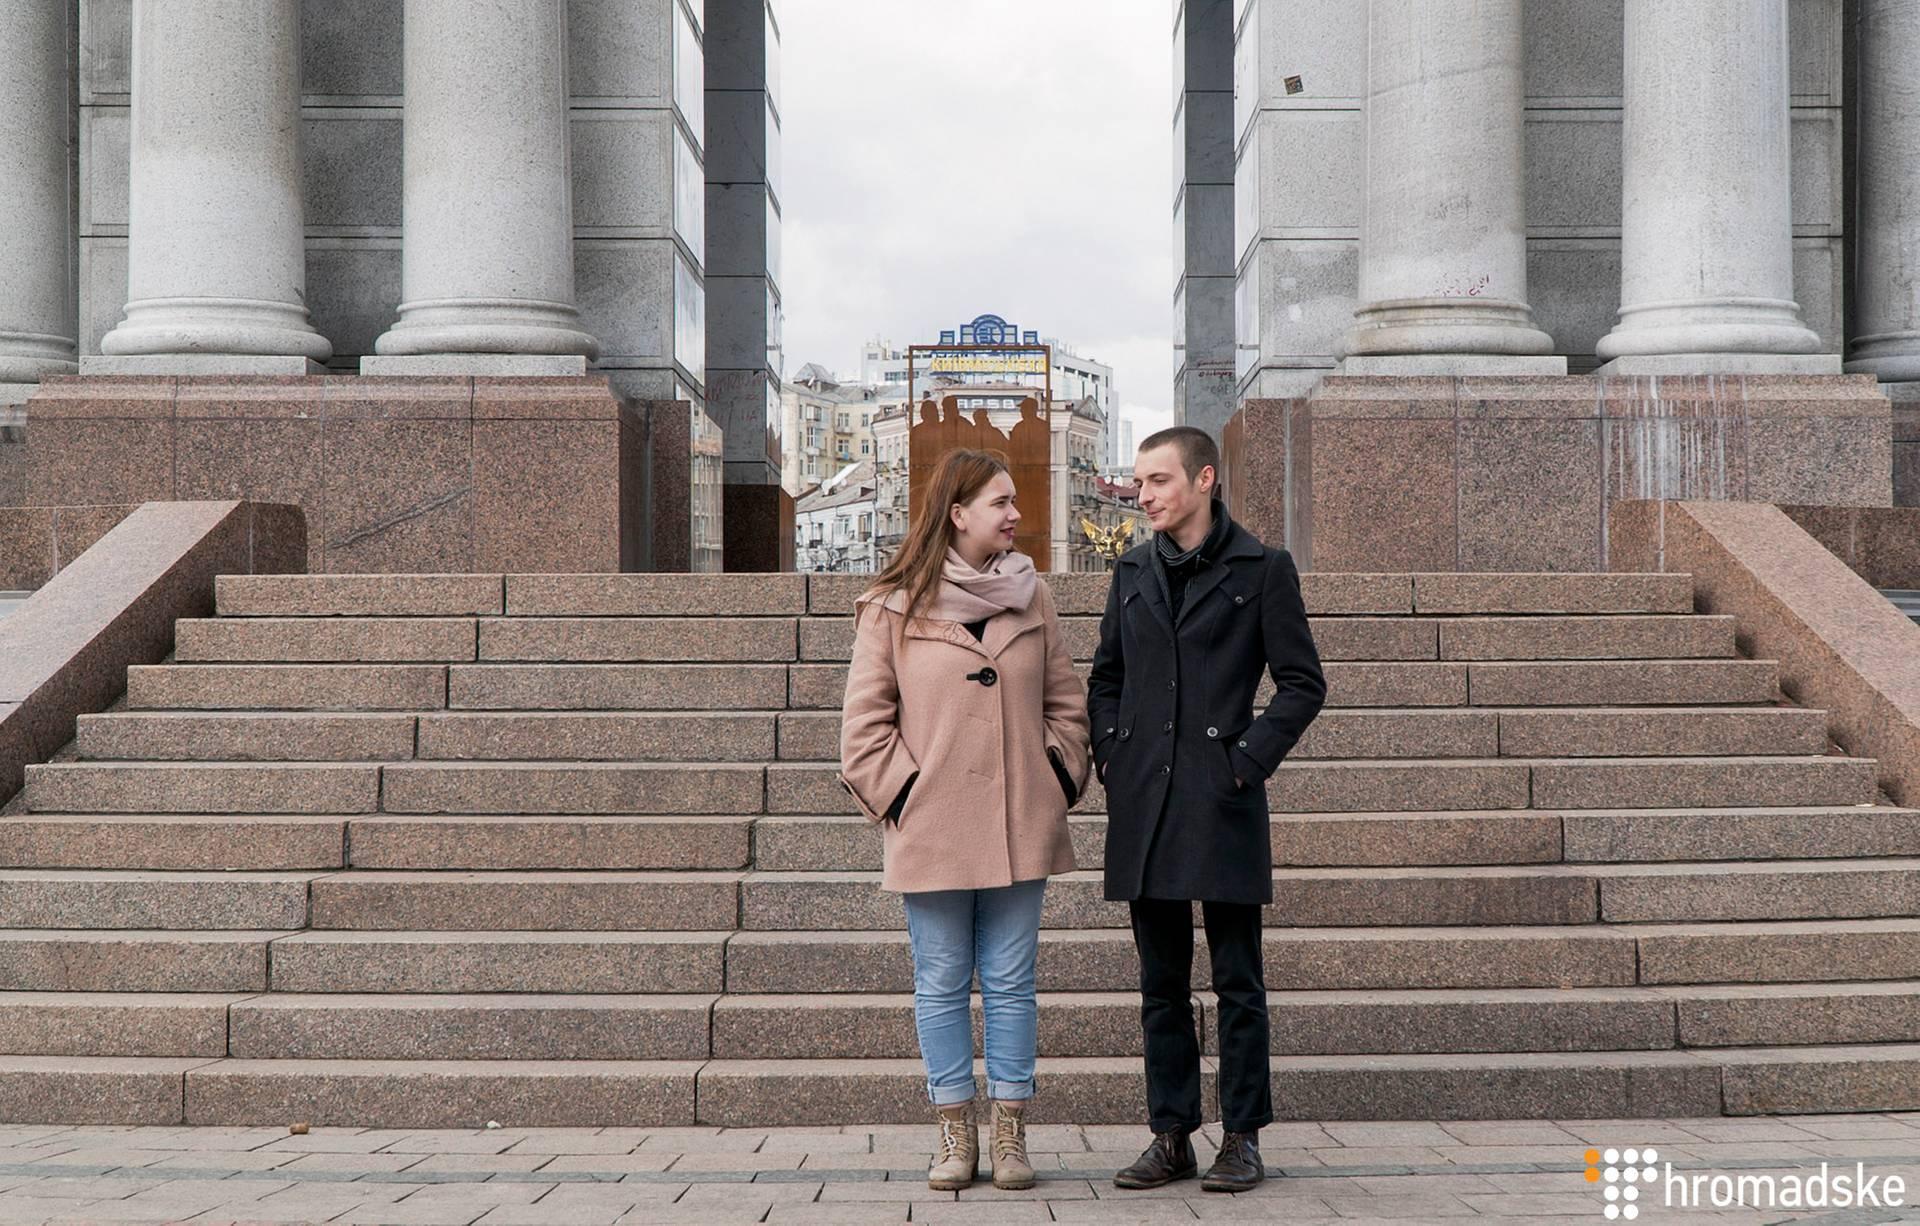 Волонтерка благодійної організації «Молодь за мир» Діана Кравченко (ліворуч) та співзасновник молодіжної організації «TEENERGIZER!» Данило Столбунов, Київ, 11 березня 2019 року